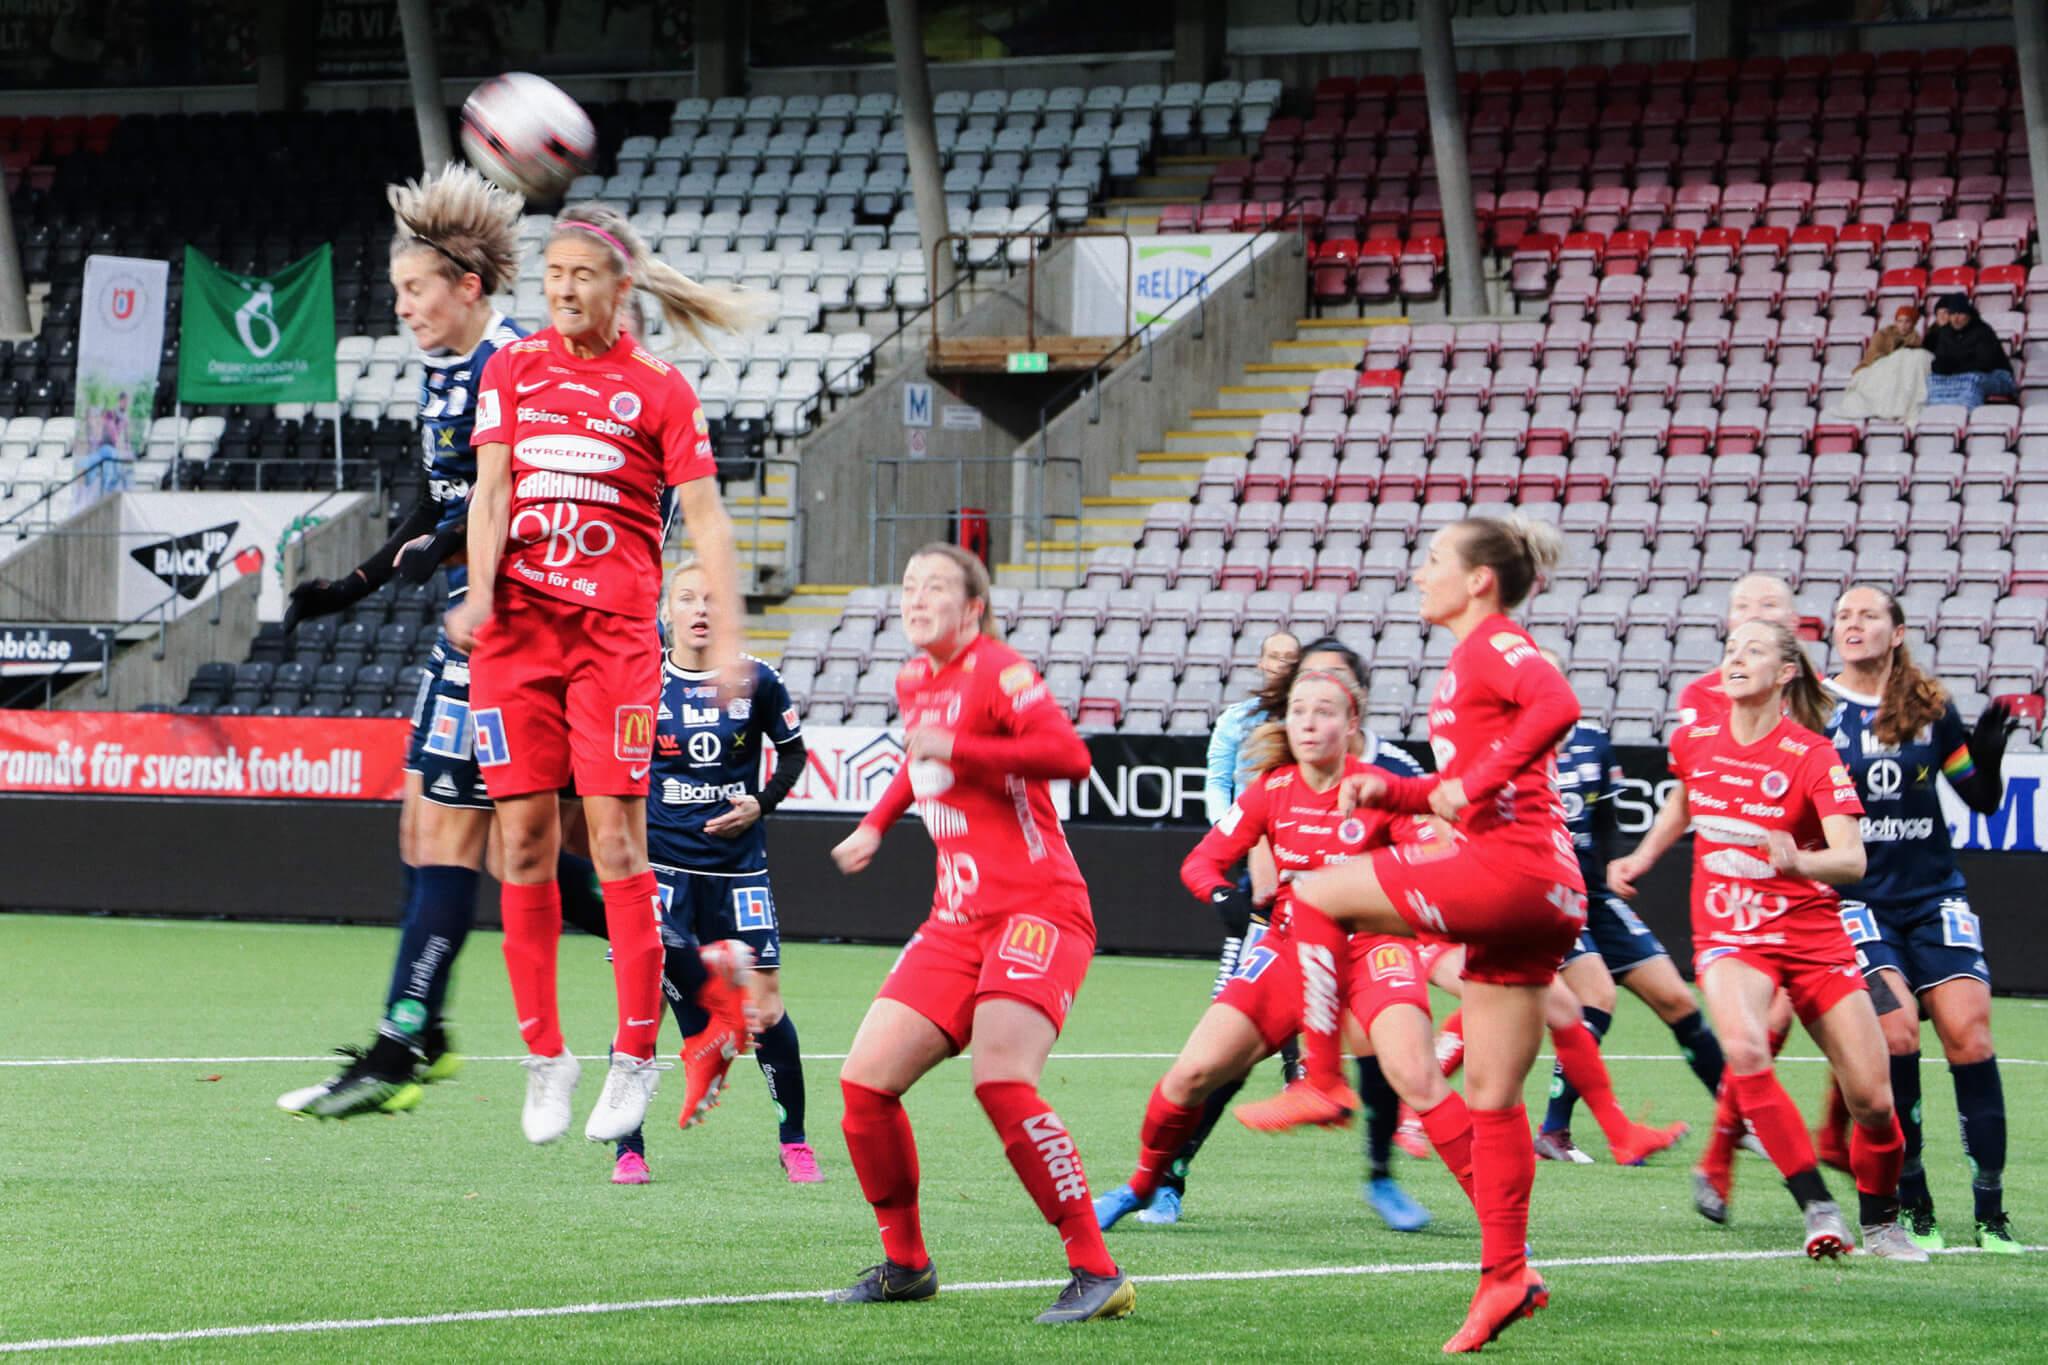 Kamp om bollen under KIF Örebros match mot Linköping den 26 oktober 2019.